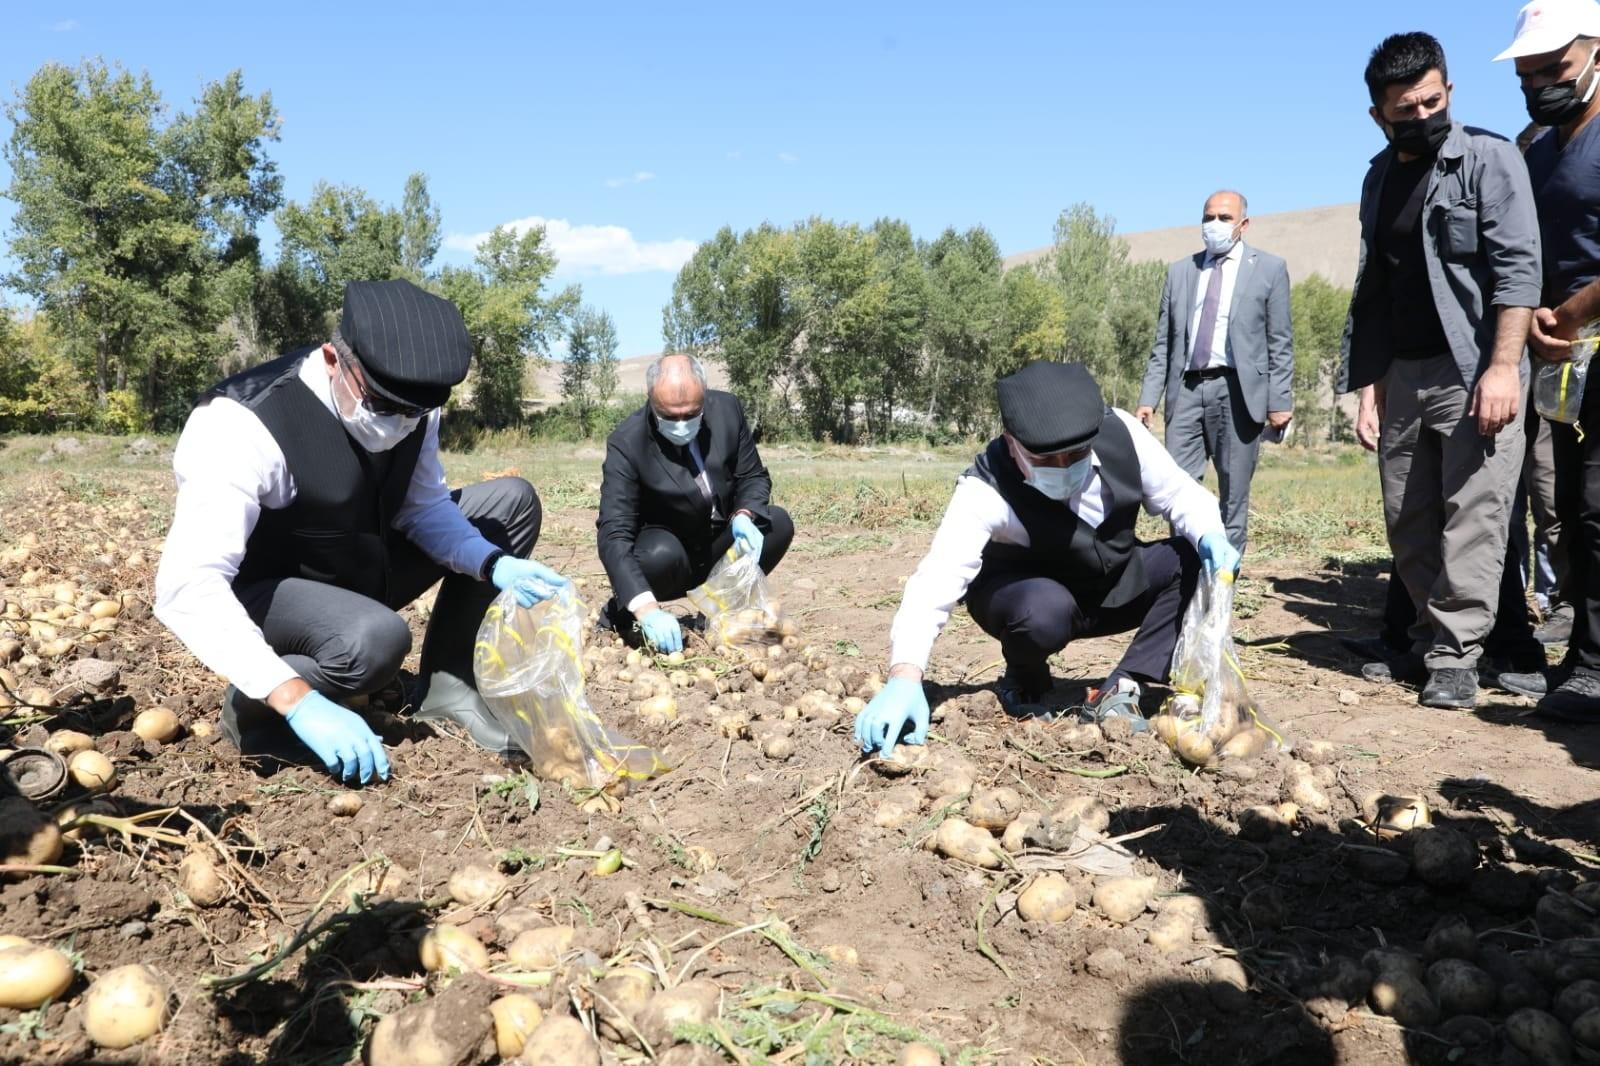 Vali Memiş ile Belediye Başkanı Sekmen kasket takıp yelek giyerek patates hasadı yaptı